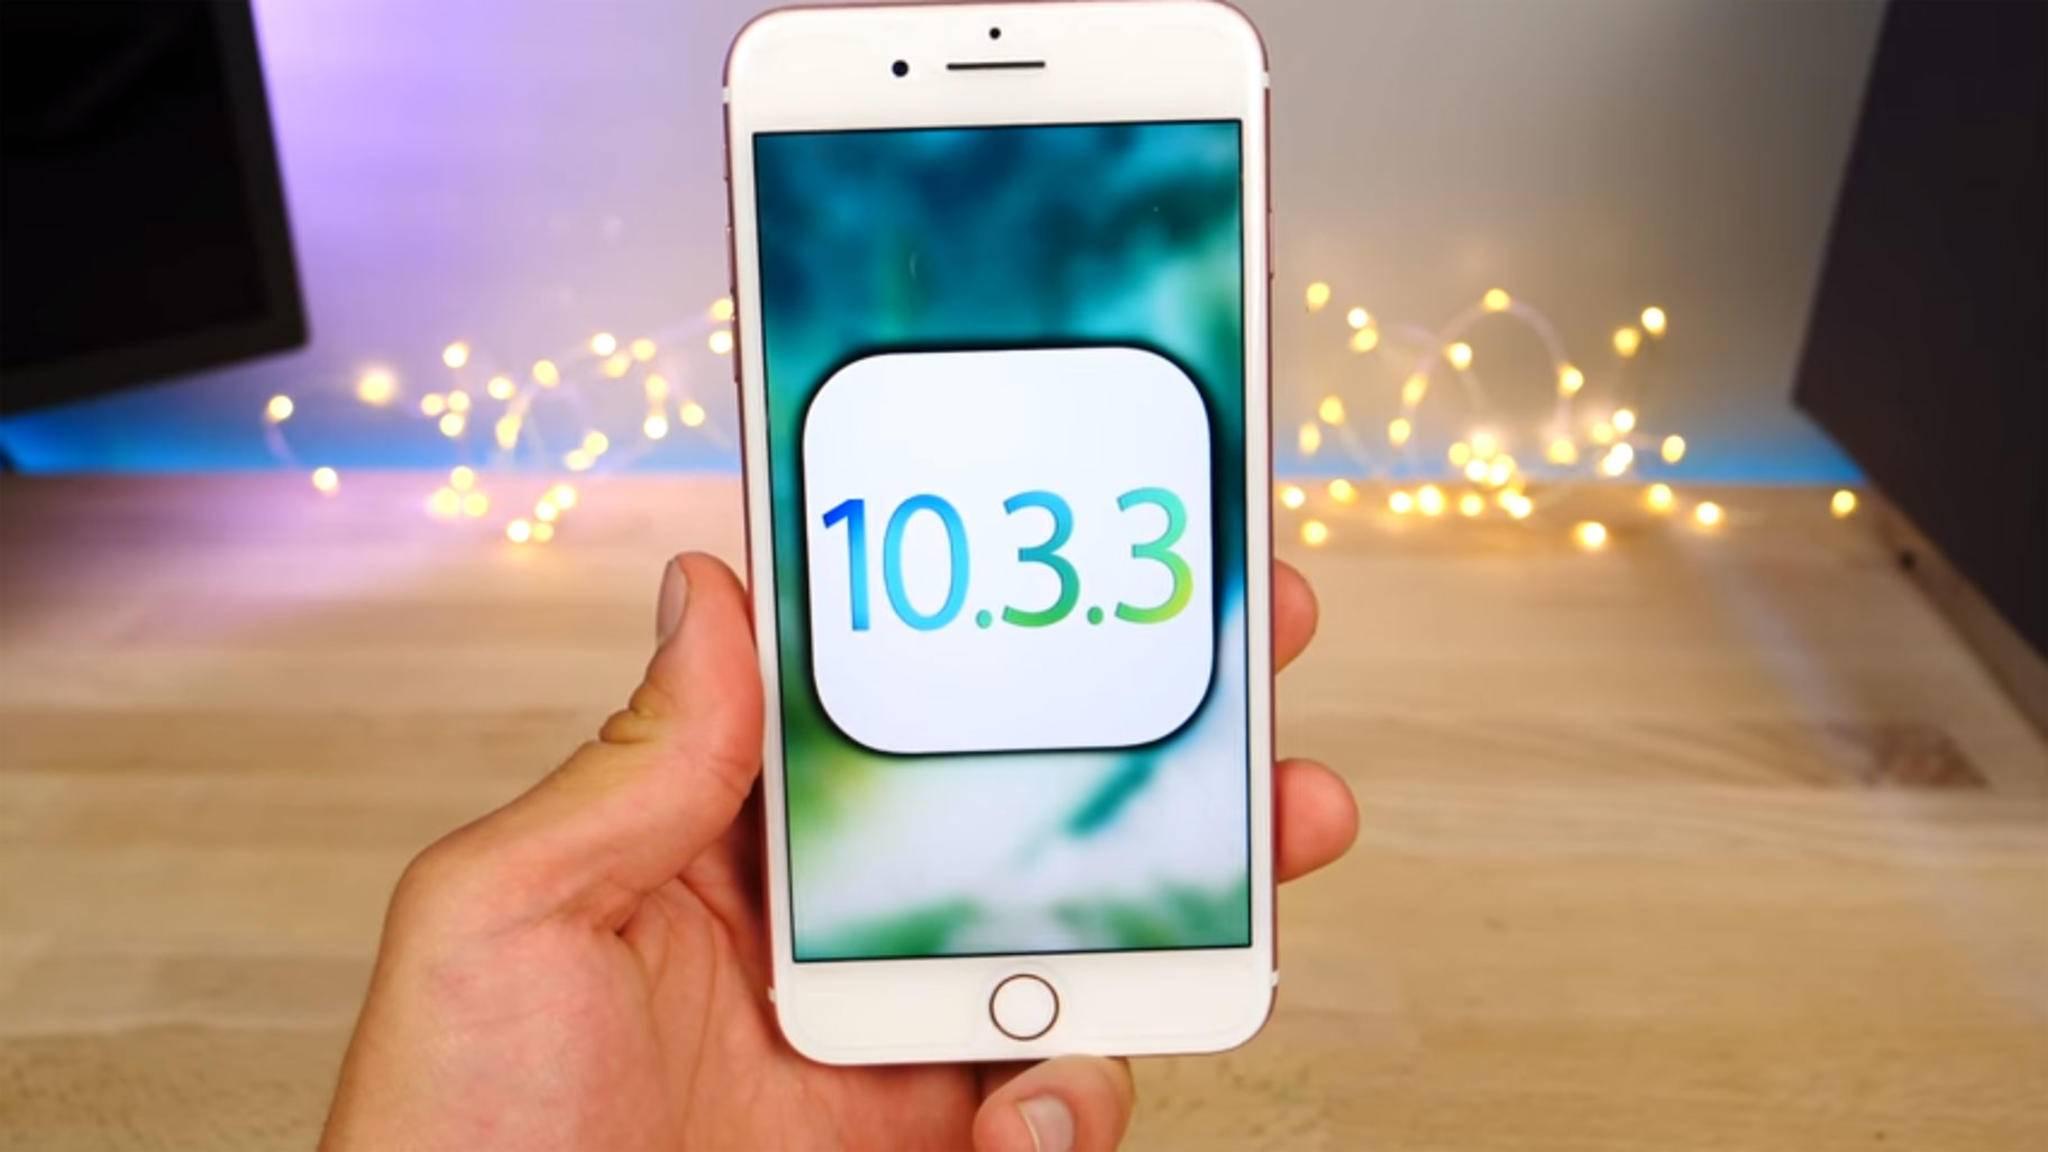 iOS 10.3.3 dient vor allem der Behebung von Fehlern.